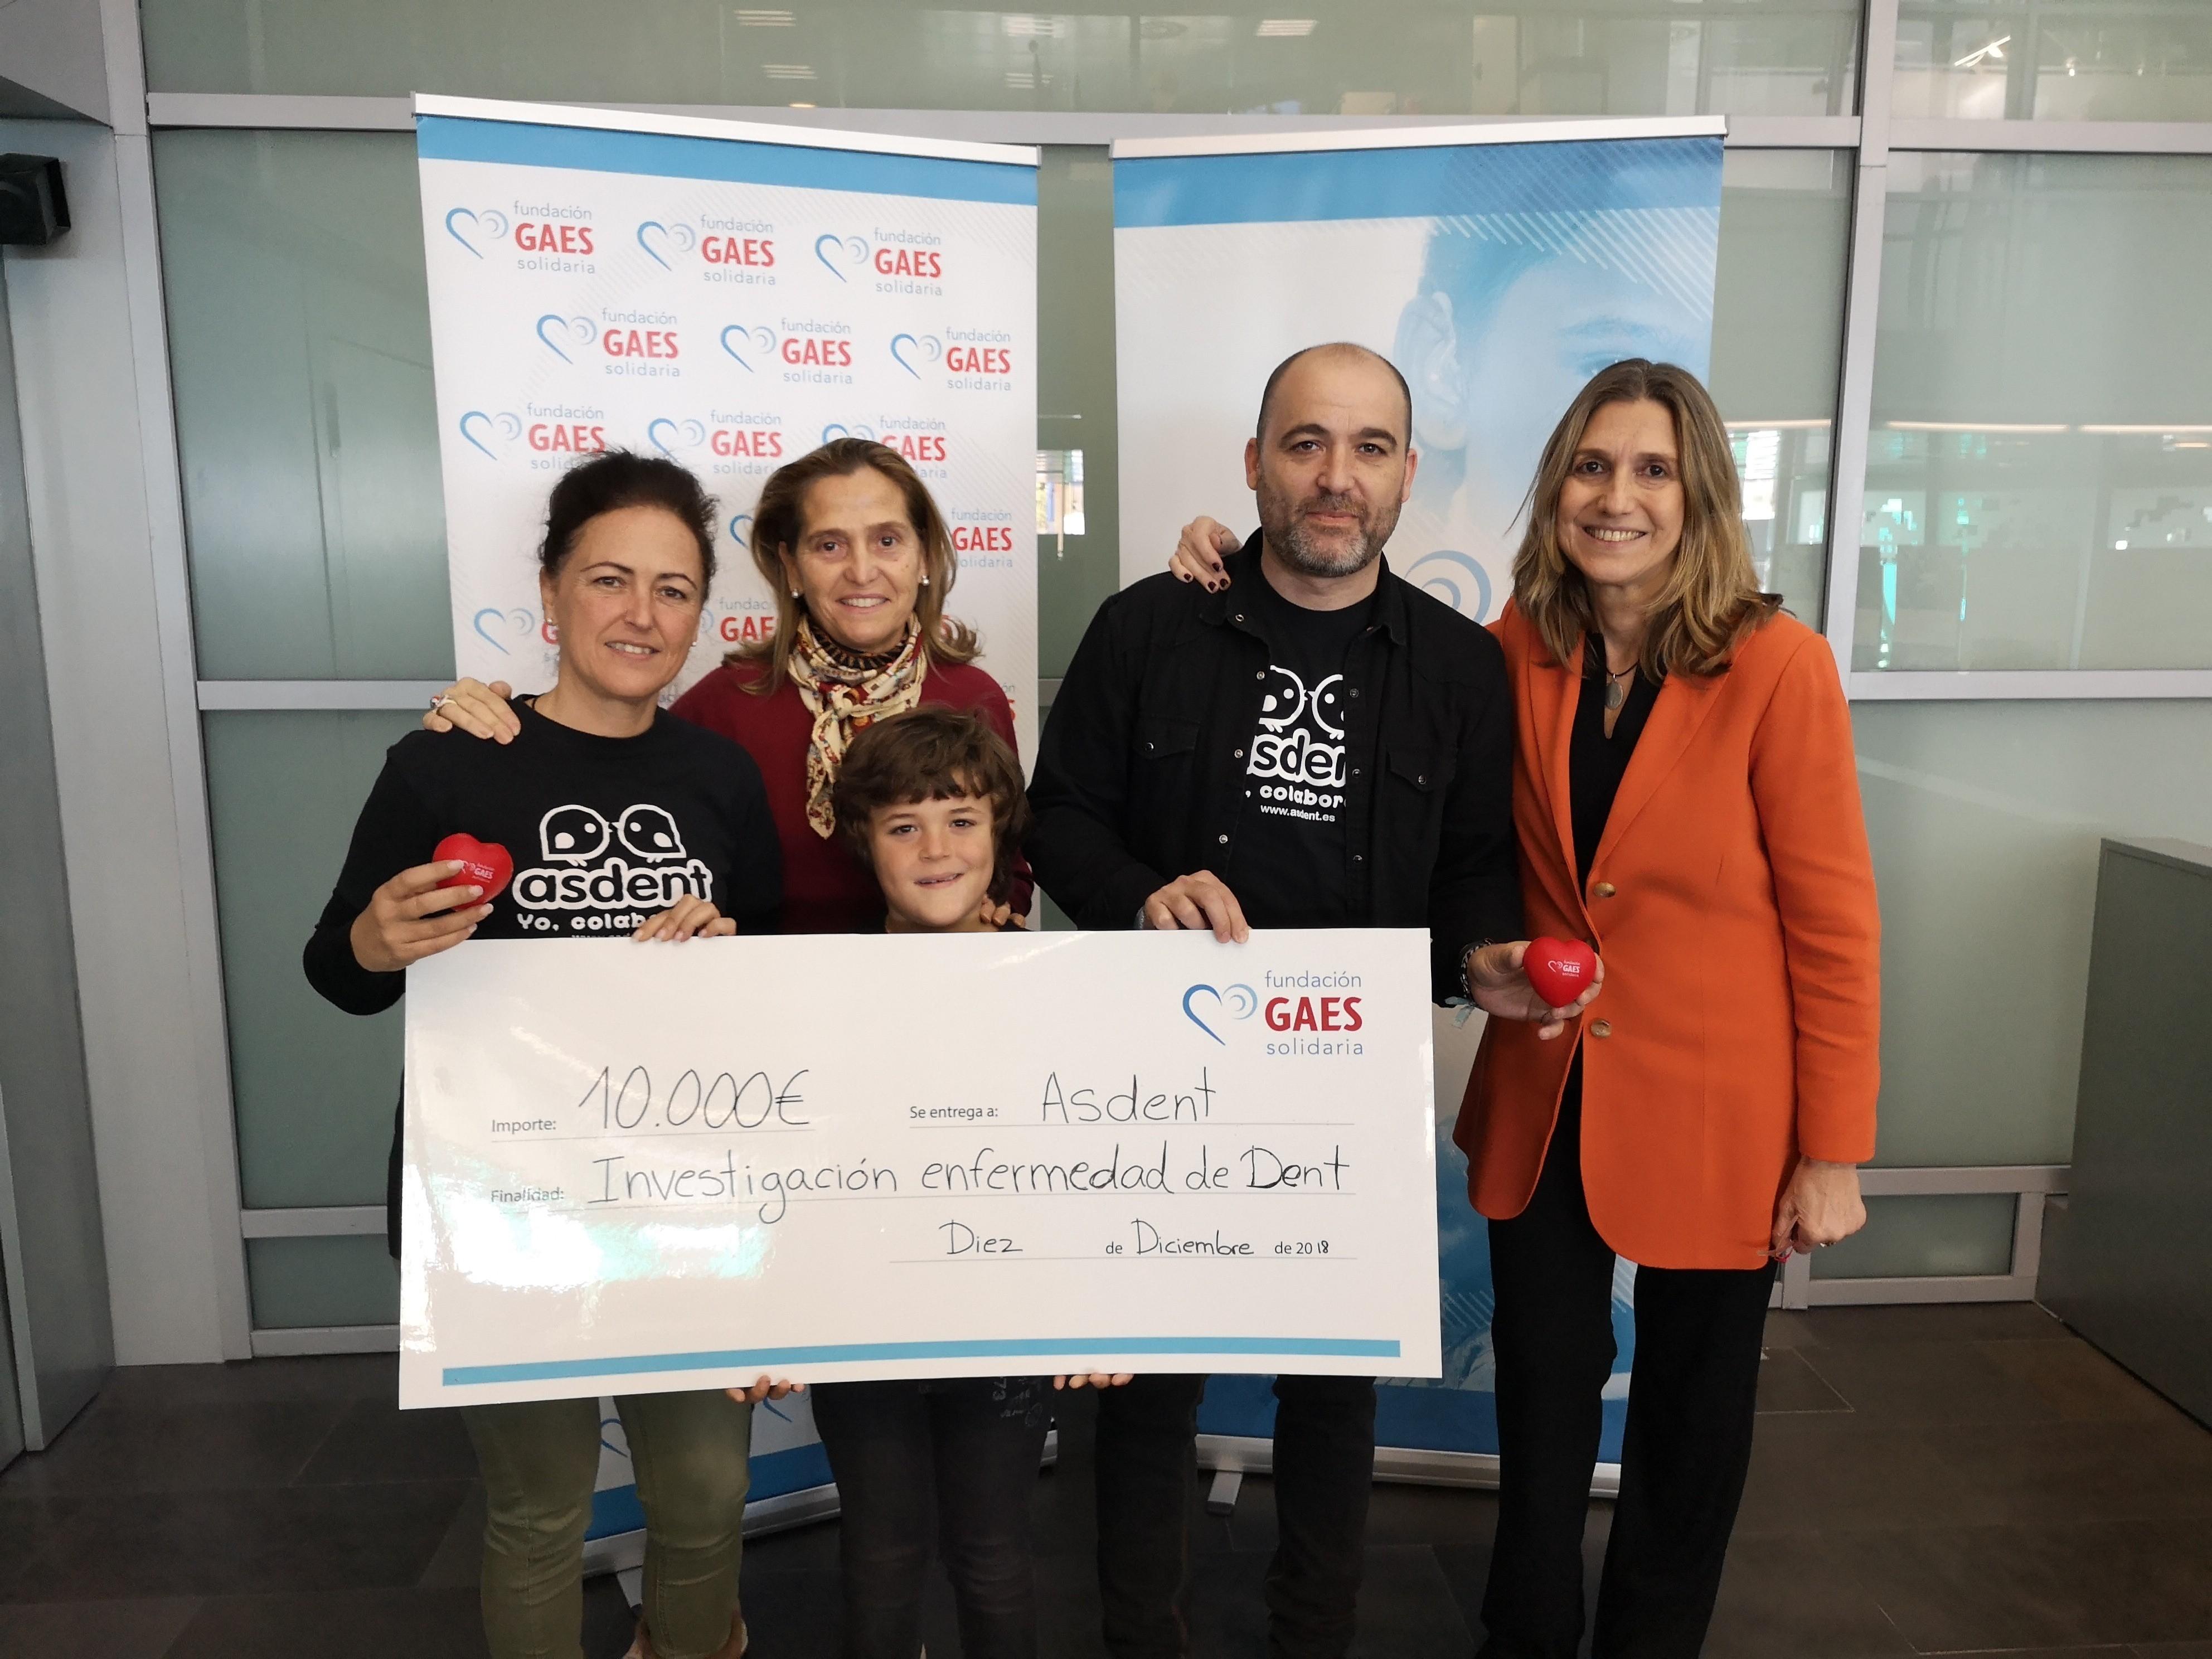 La Fundación GAES Solidaria colabora con la investigación de la enfermedad de Dent